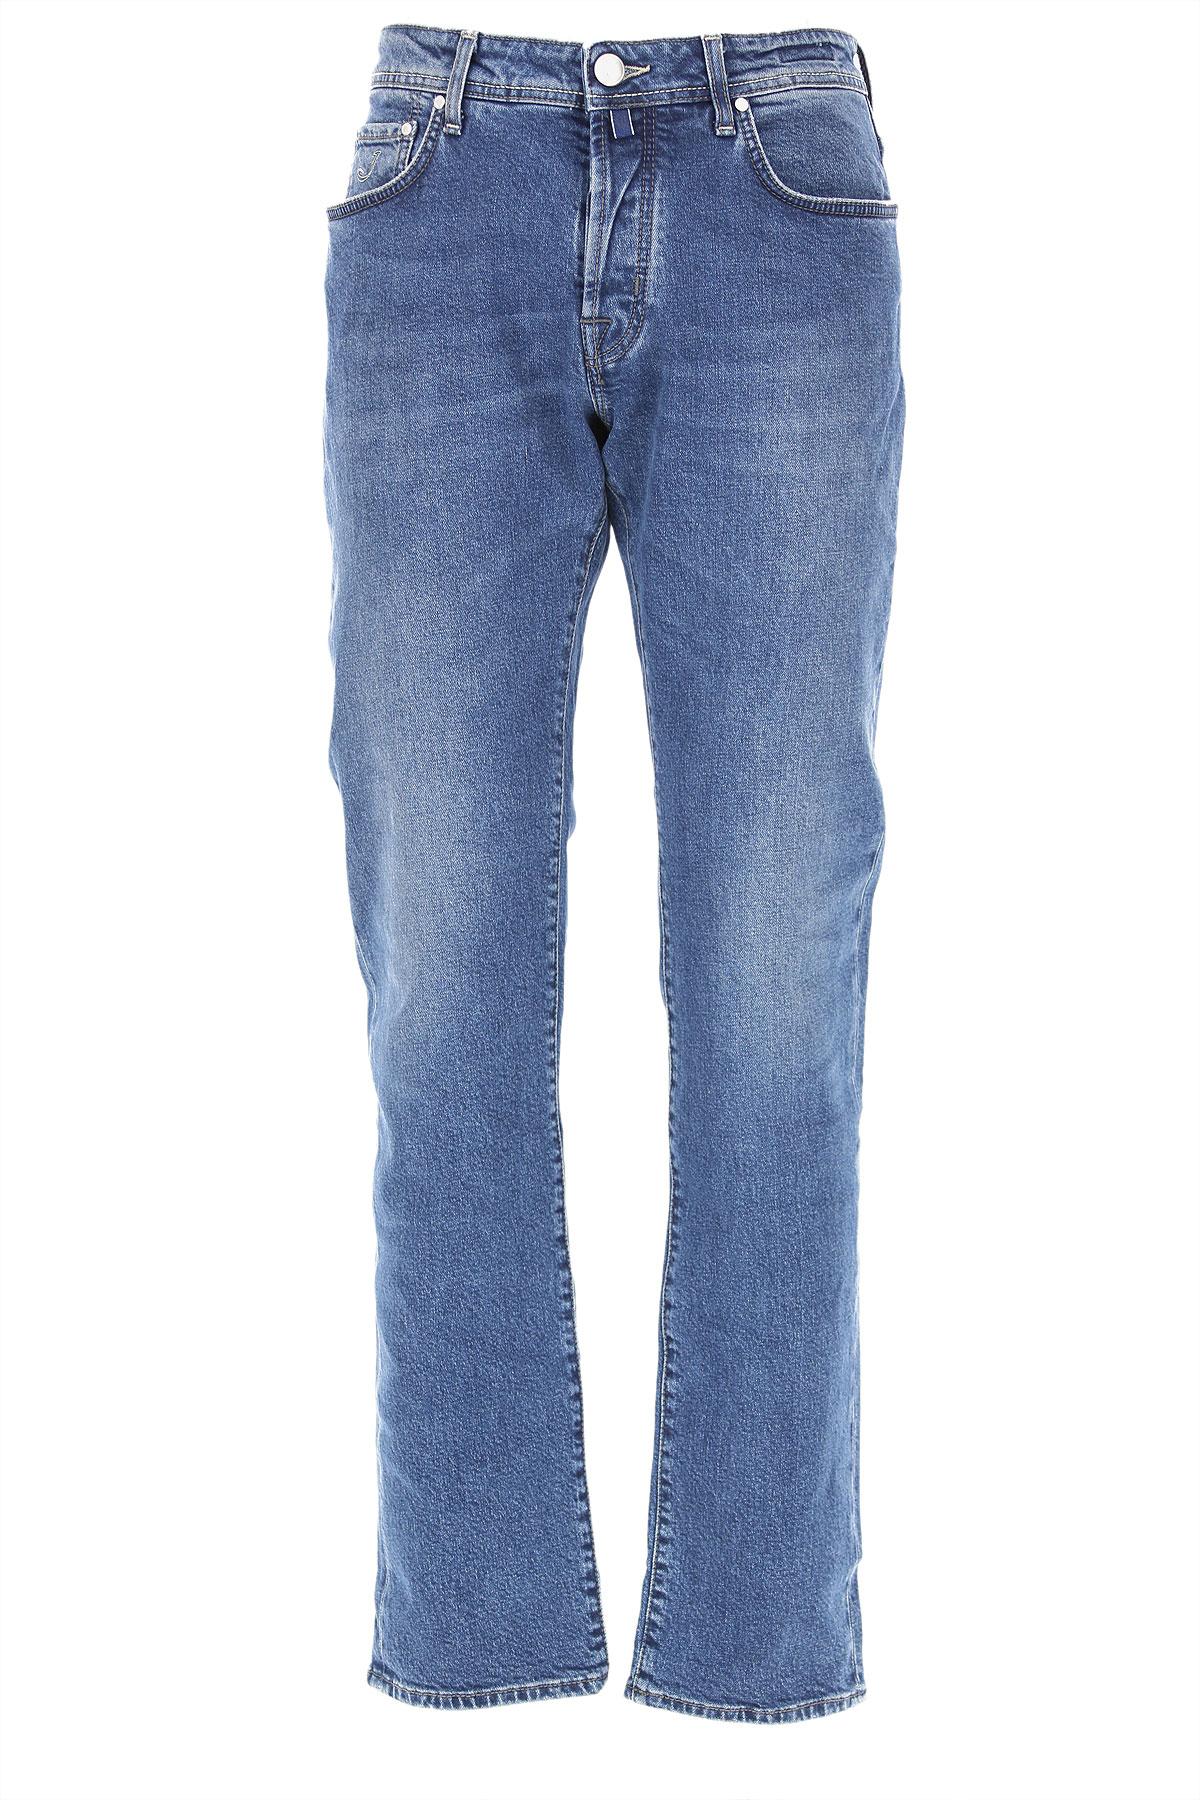 Jacob Cohen Jeans On Sale, Blue Denim, Cotton, 2019, 31 32 33 34 35 36 38